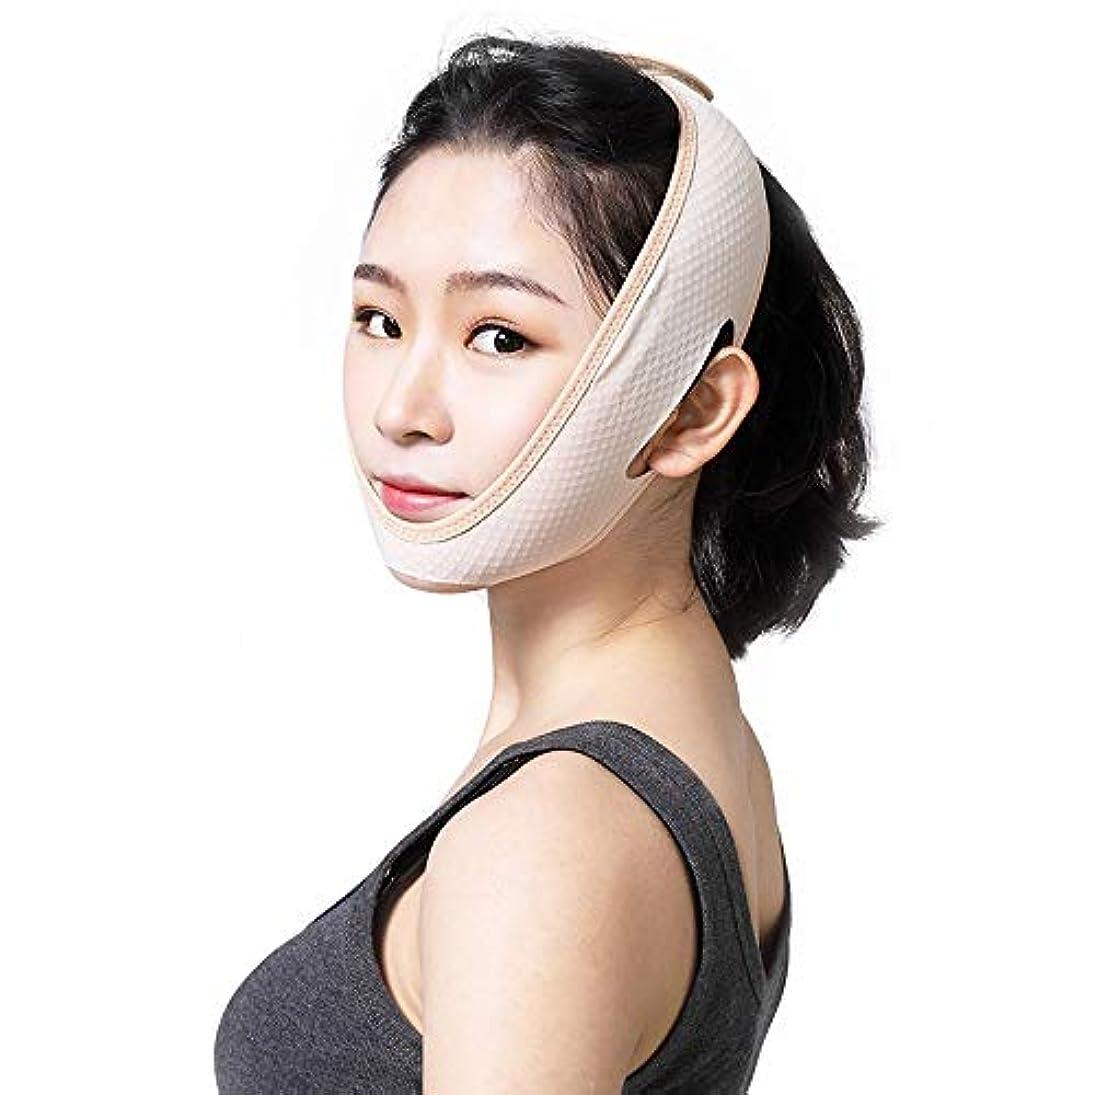 評価可能魅力的類似性Jia Jia- シンフェイスアーティファクトVフェイスタイトリフティングフェイスリフトシンダブルチン男性と女性フェイス包帯マスク 顔面包帯